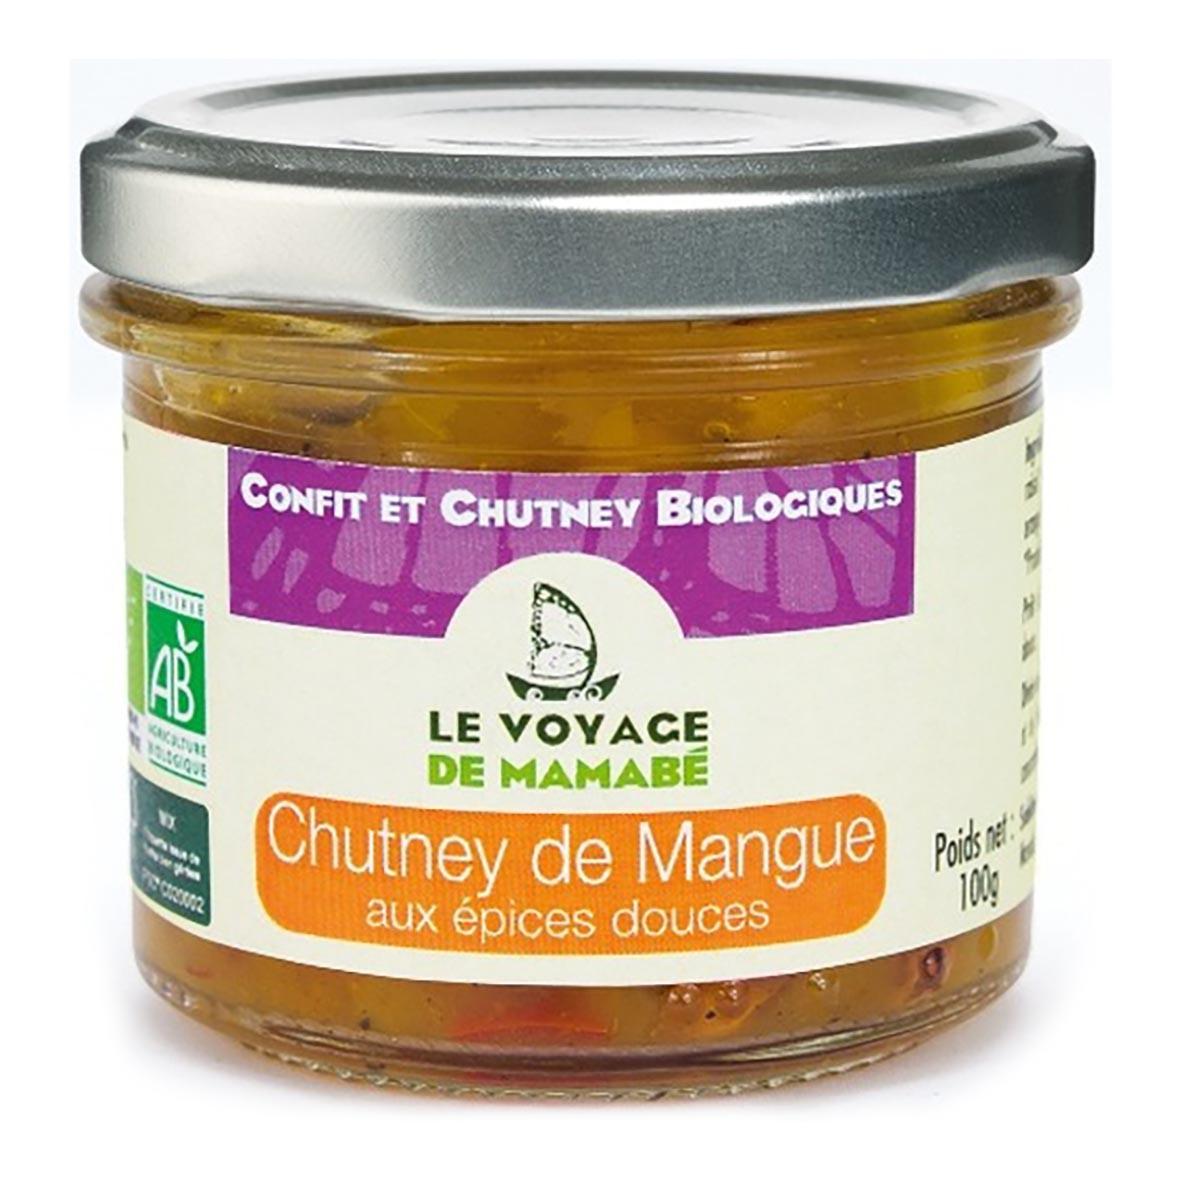 Chutney de mangue aux épices douces 100g bio - Voyage de Mamabe